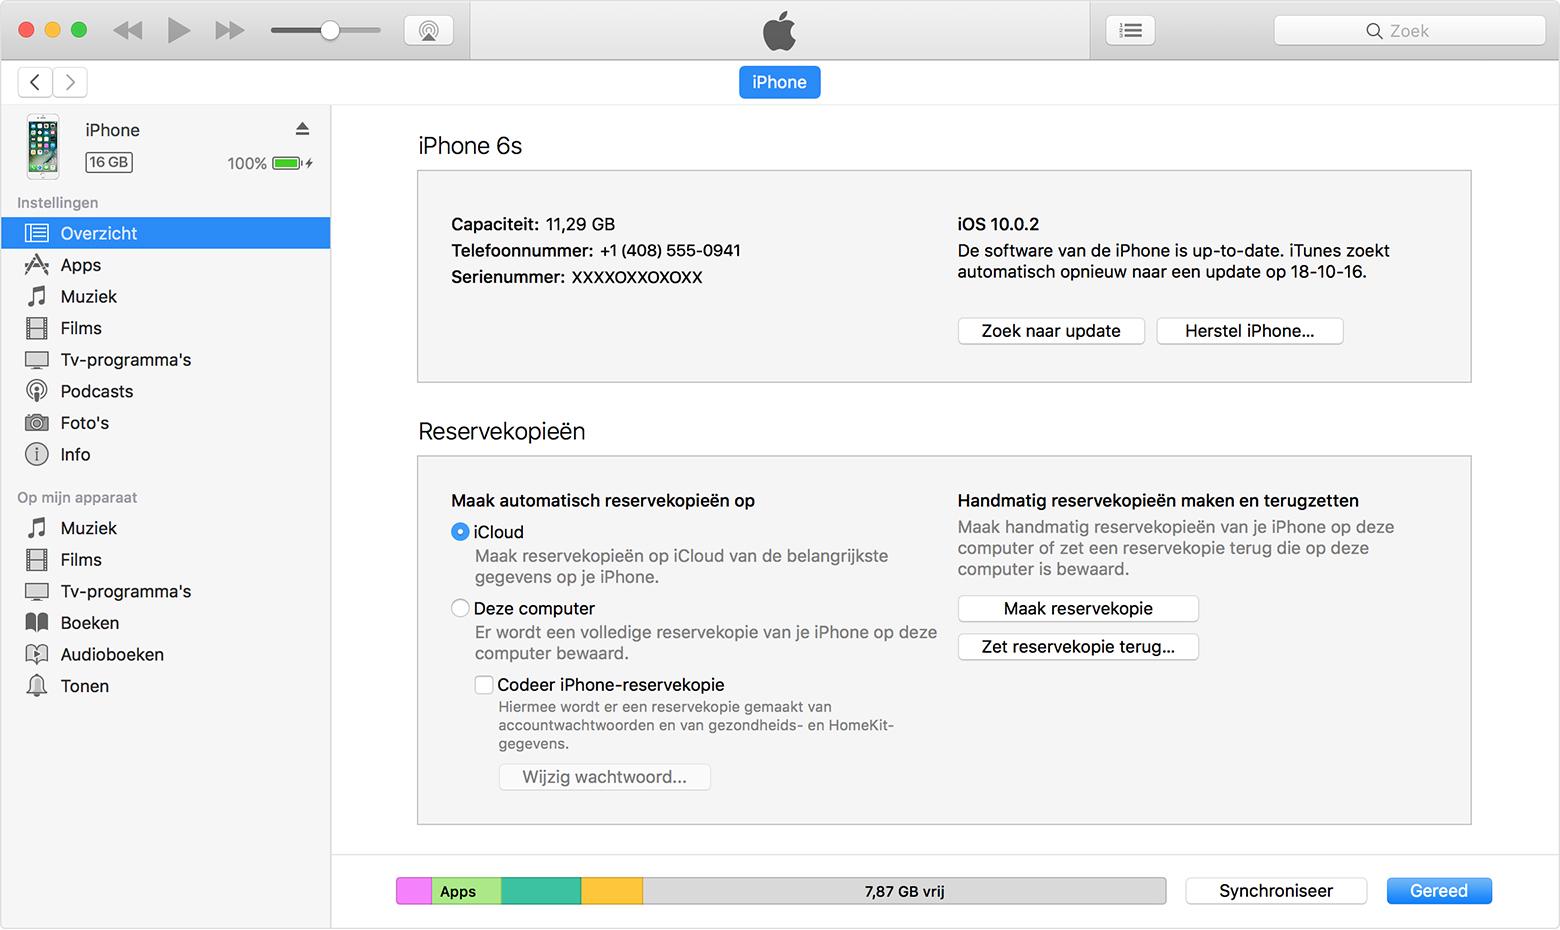 Een iTunes-reservekopie maken van een iPhone, iPad of iPodtouch